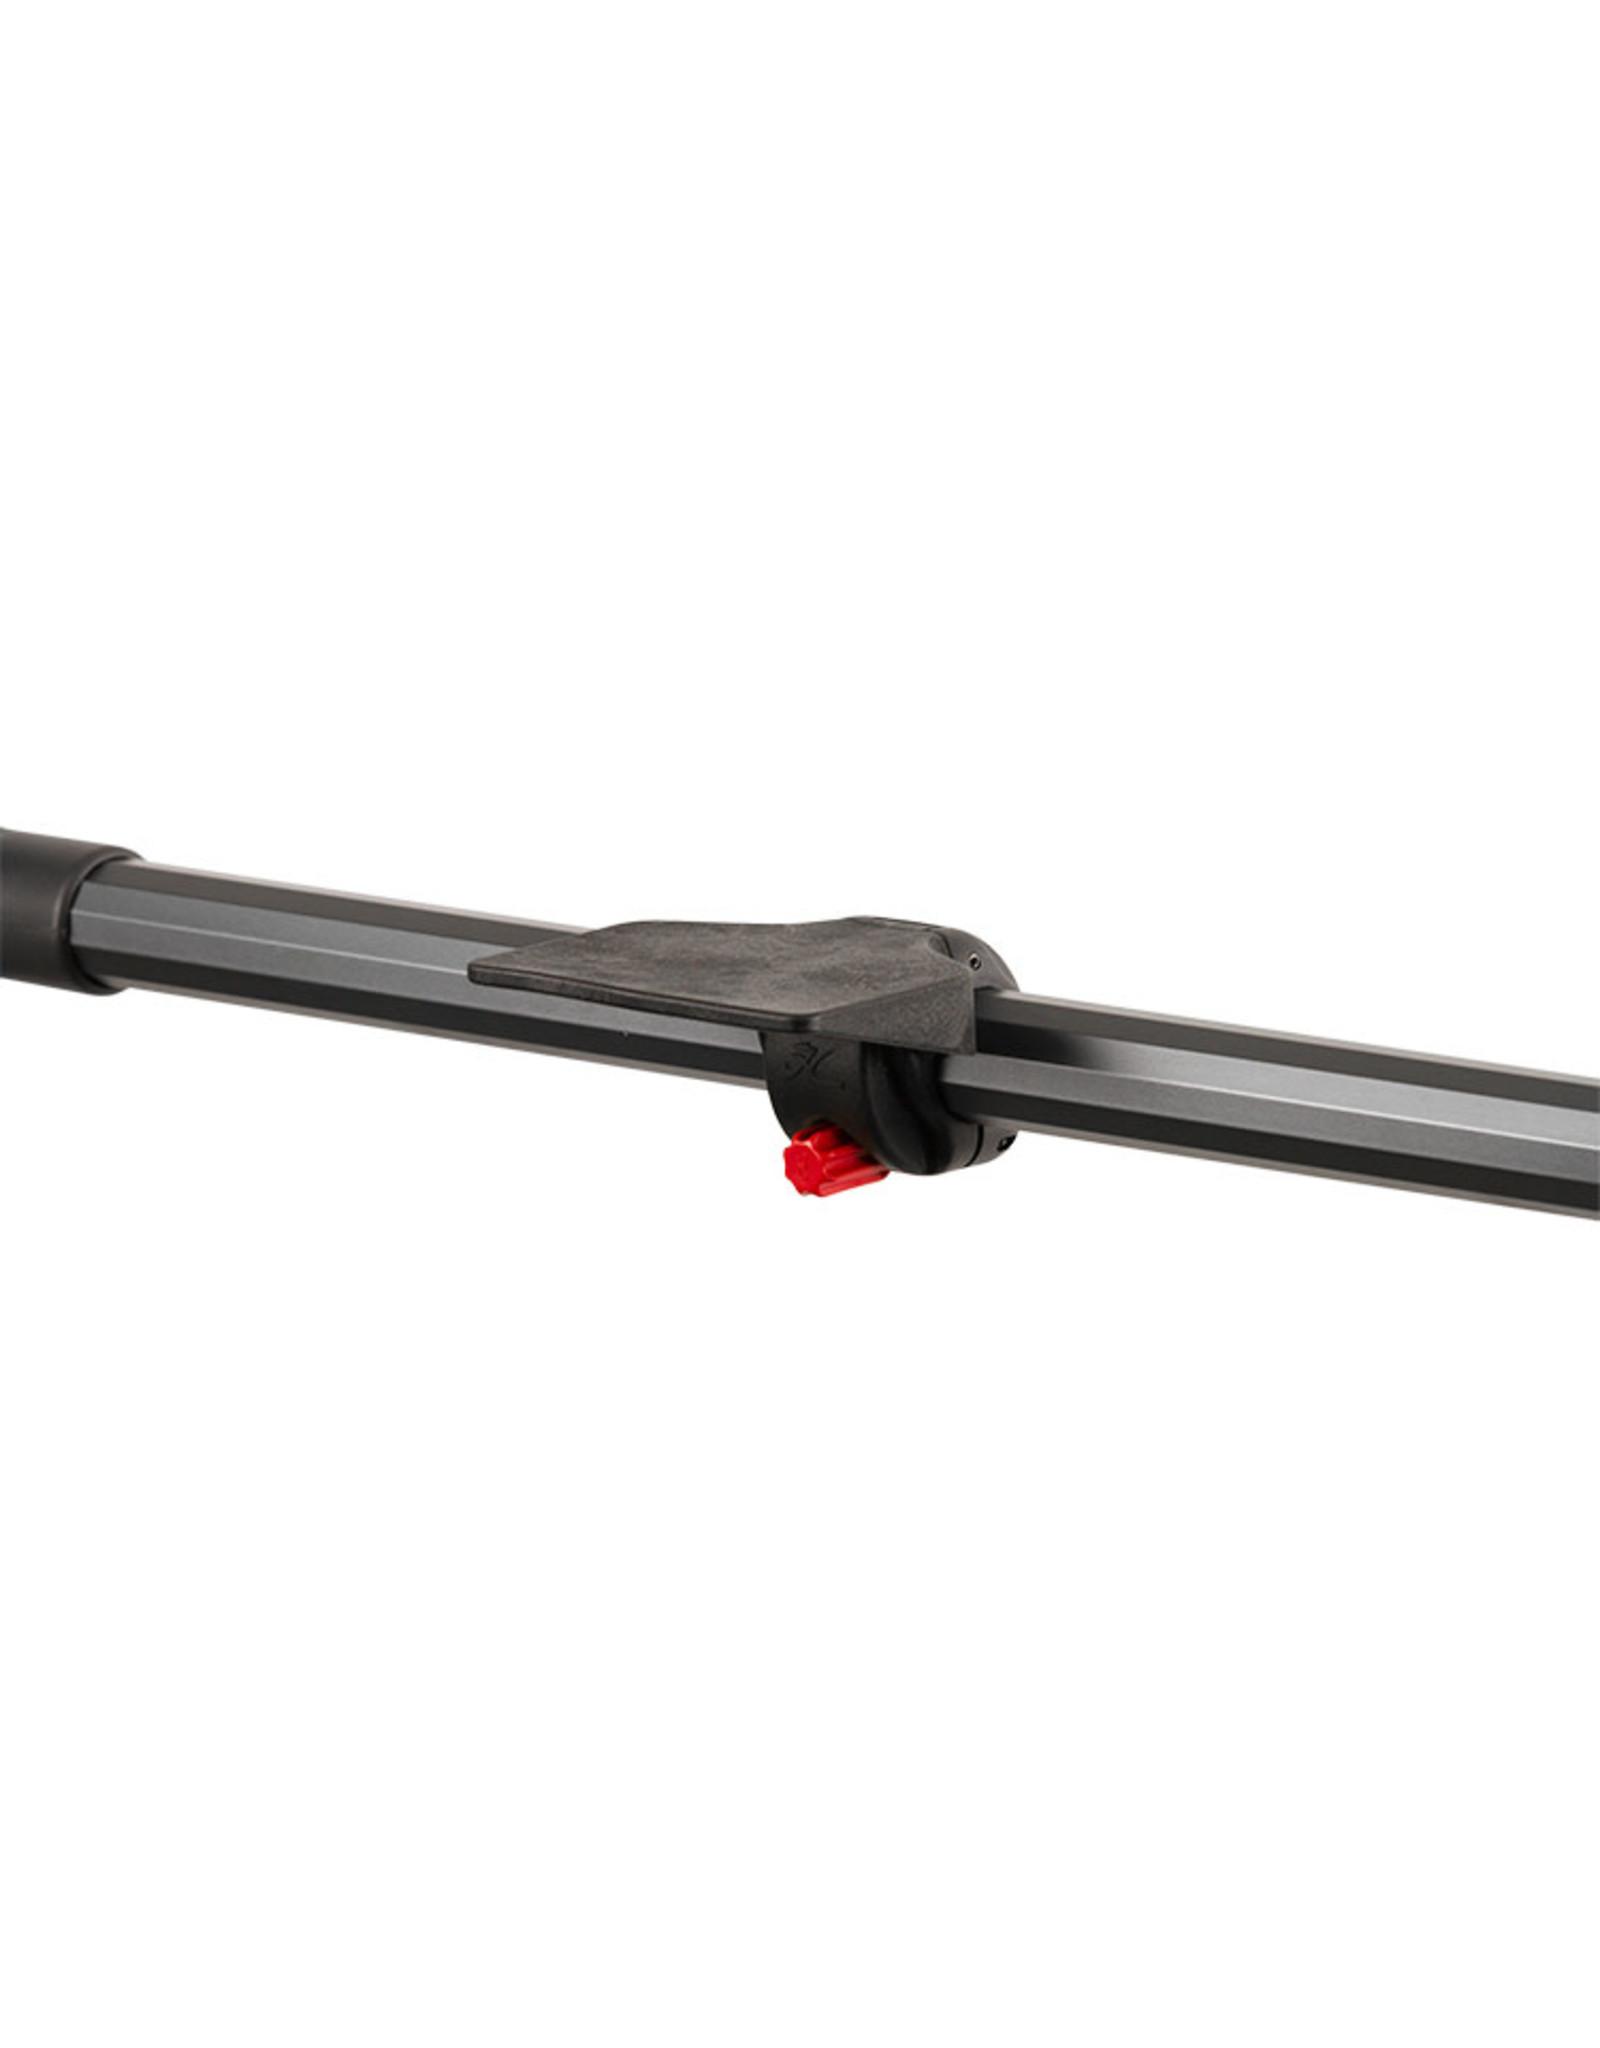 Hobie Hobie H-Rail / Mounting plate universal